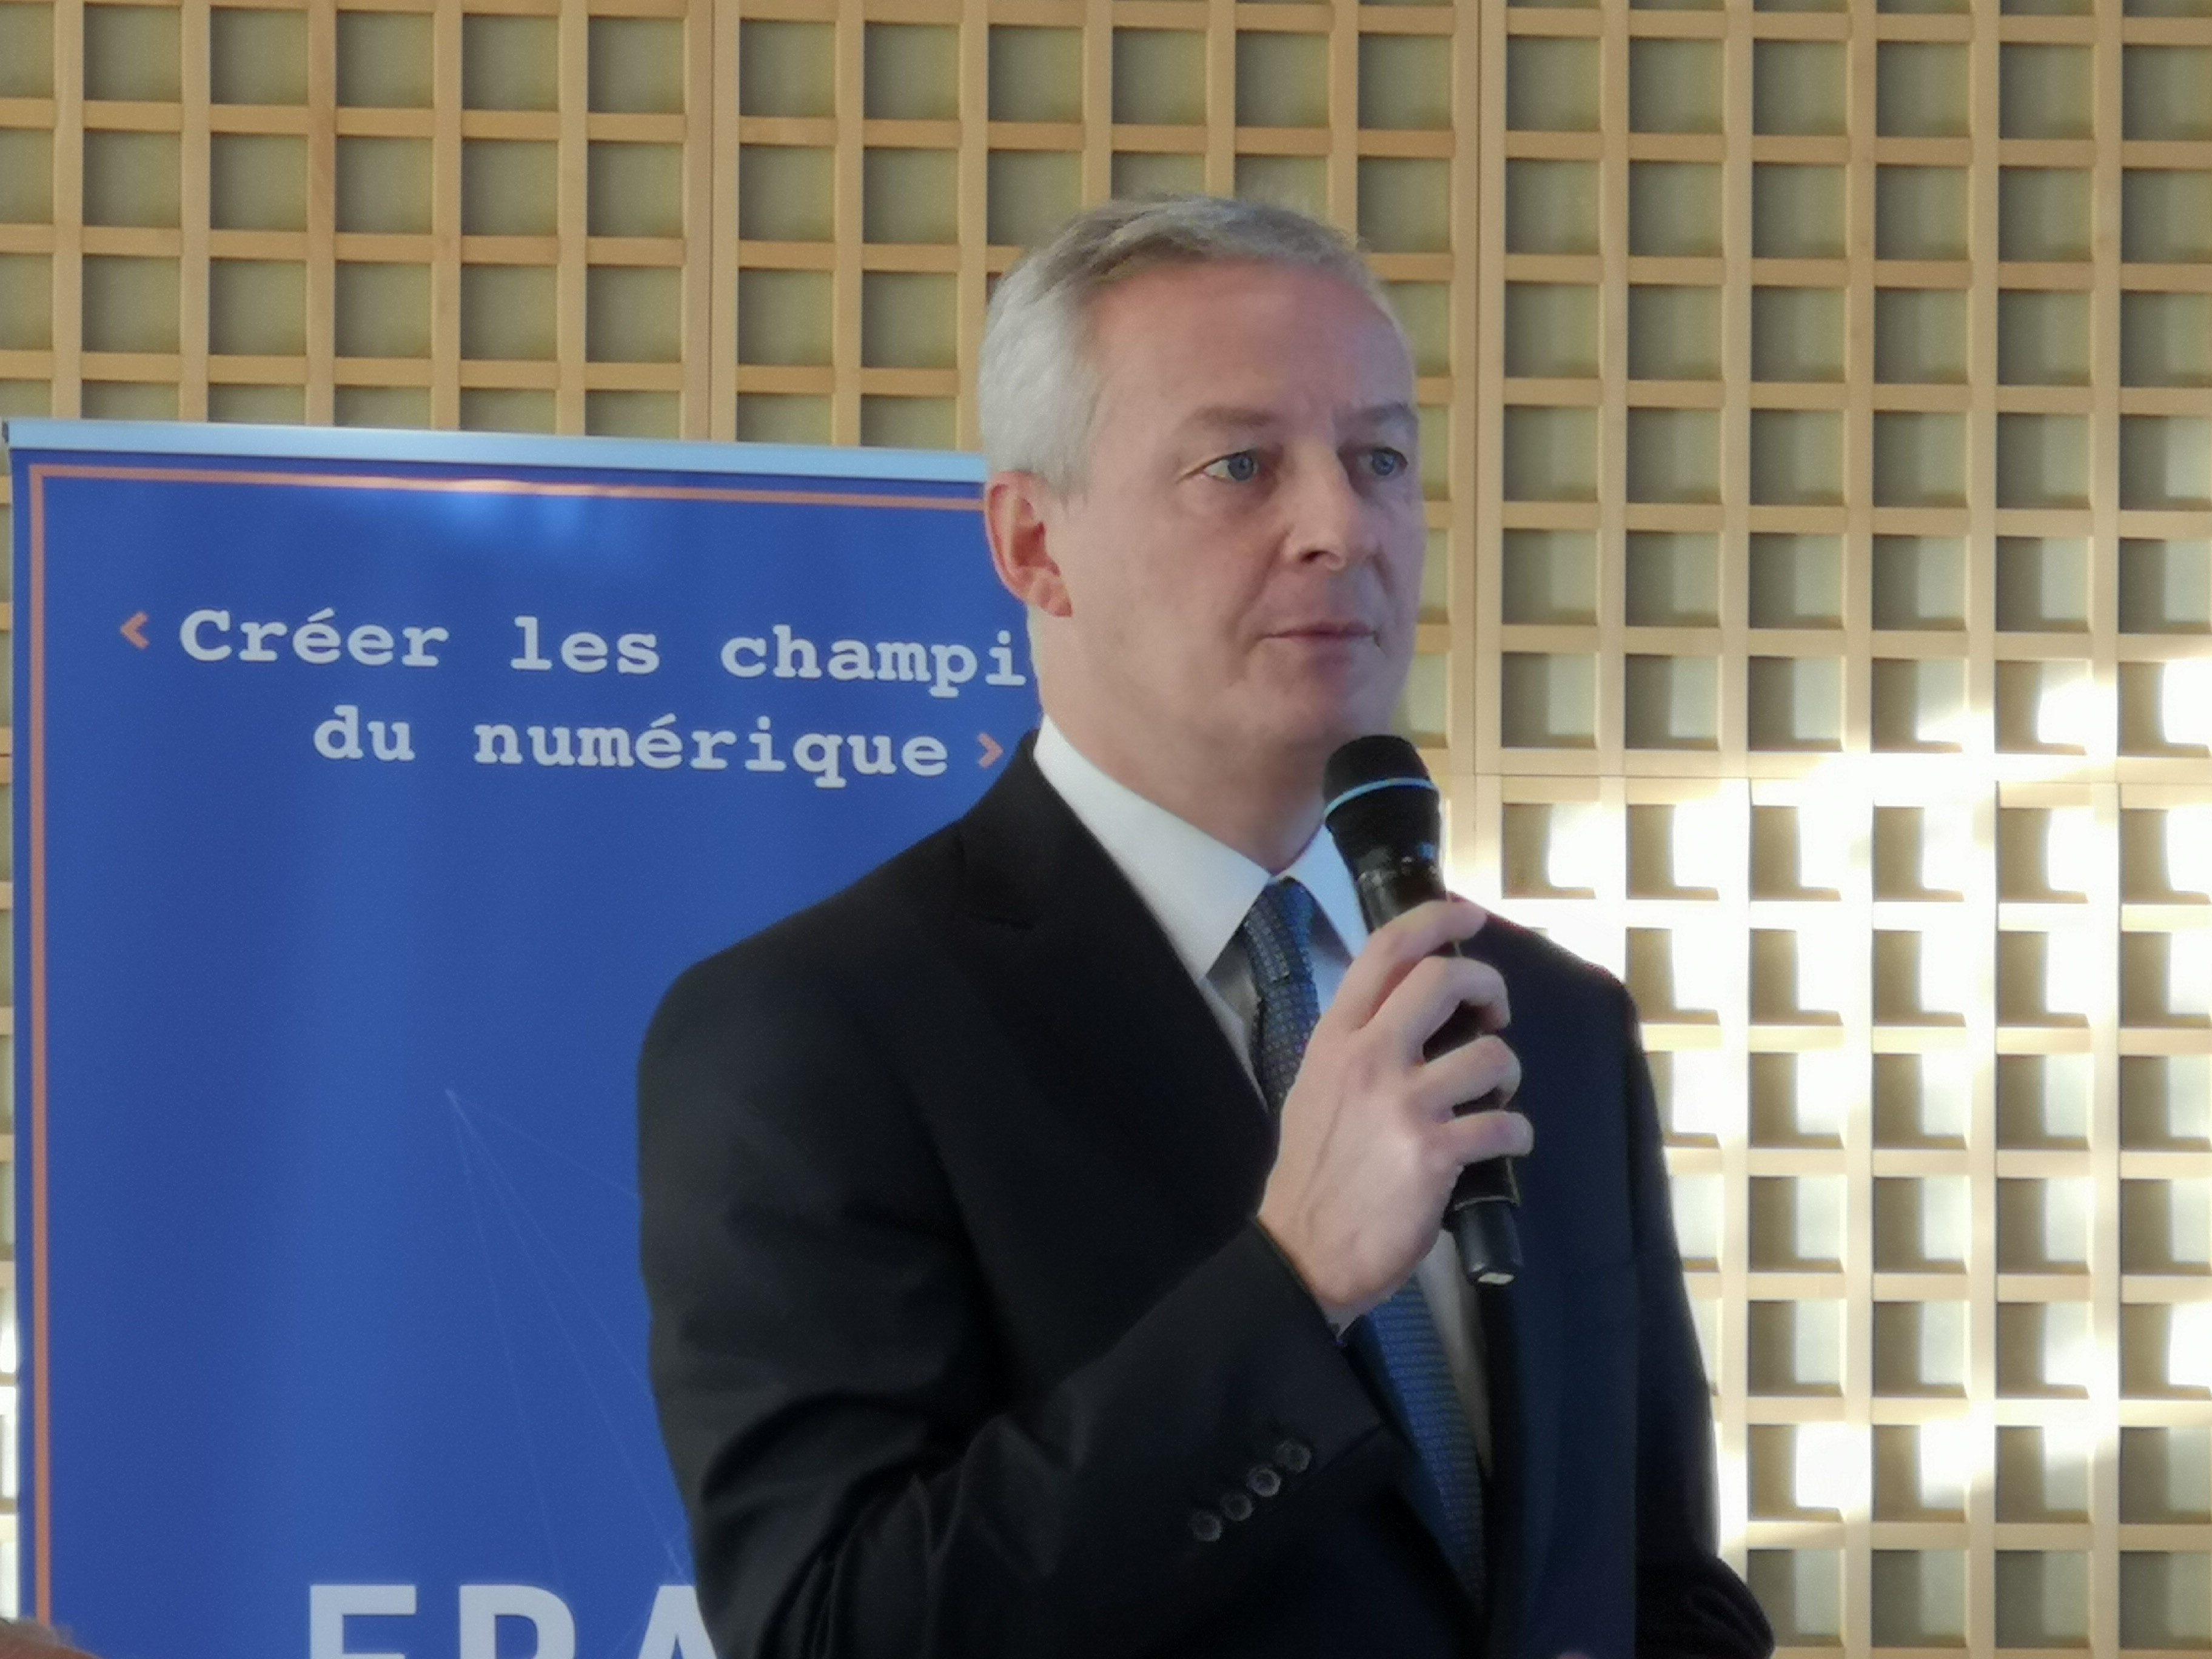 giá bitcoin: Bộ trưởng Tài chính Pháp: Không thể phát triển Libra tại châu Âu